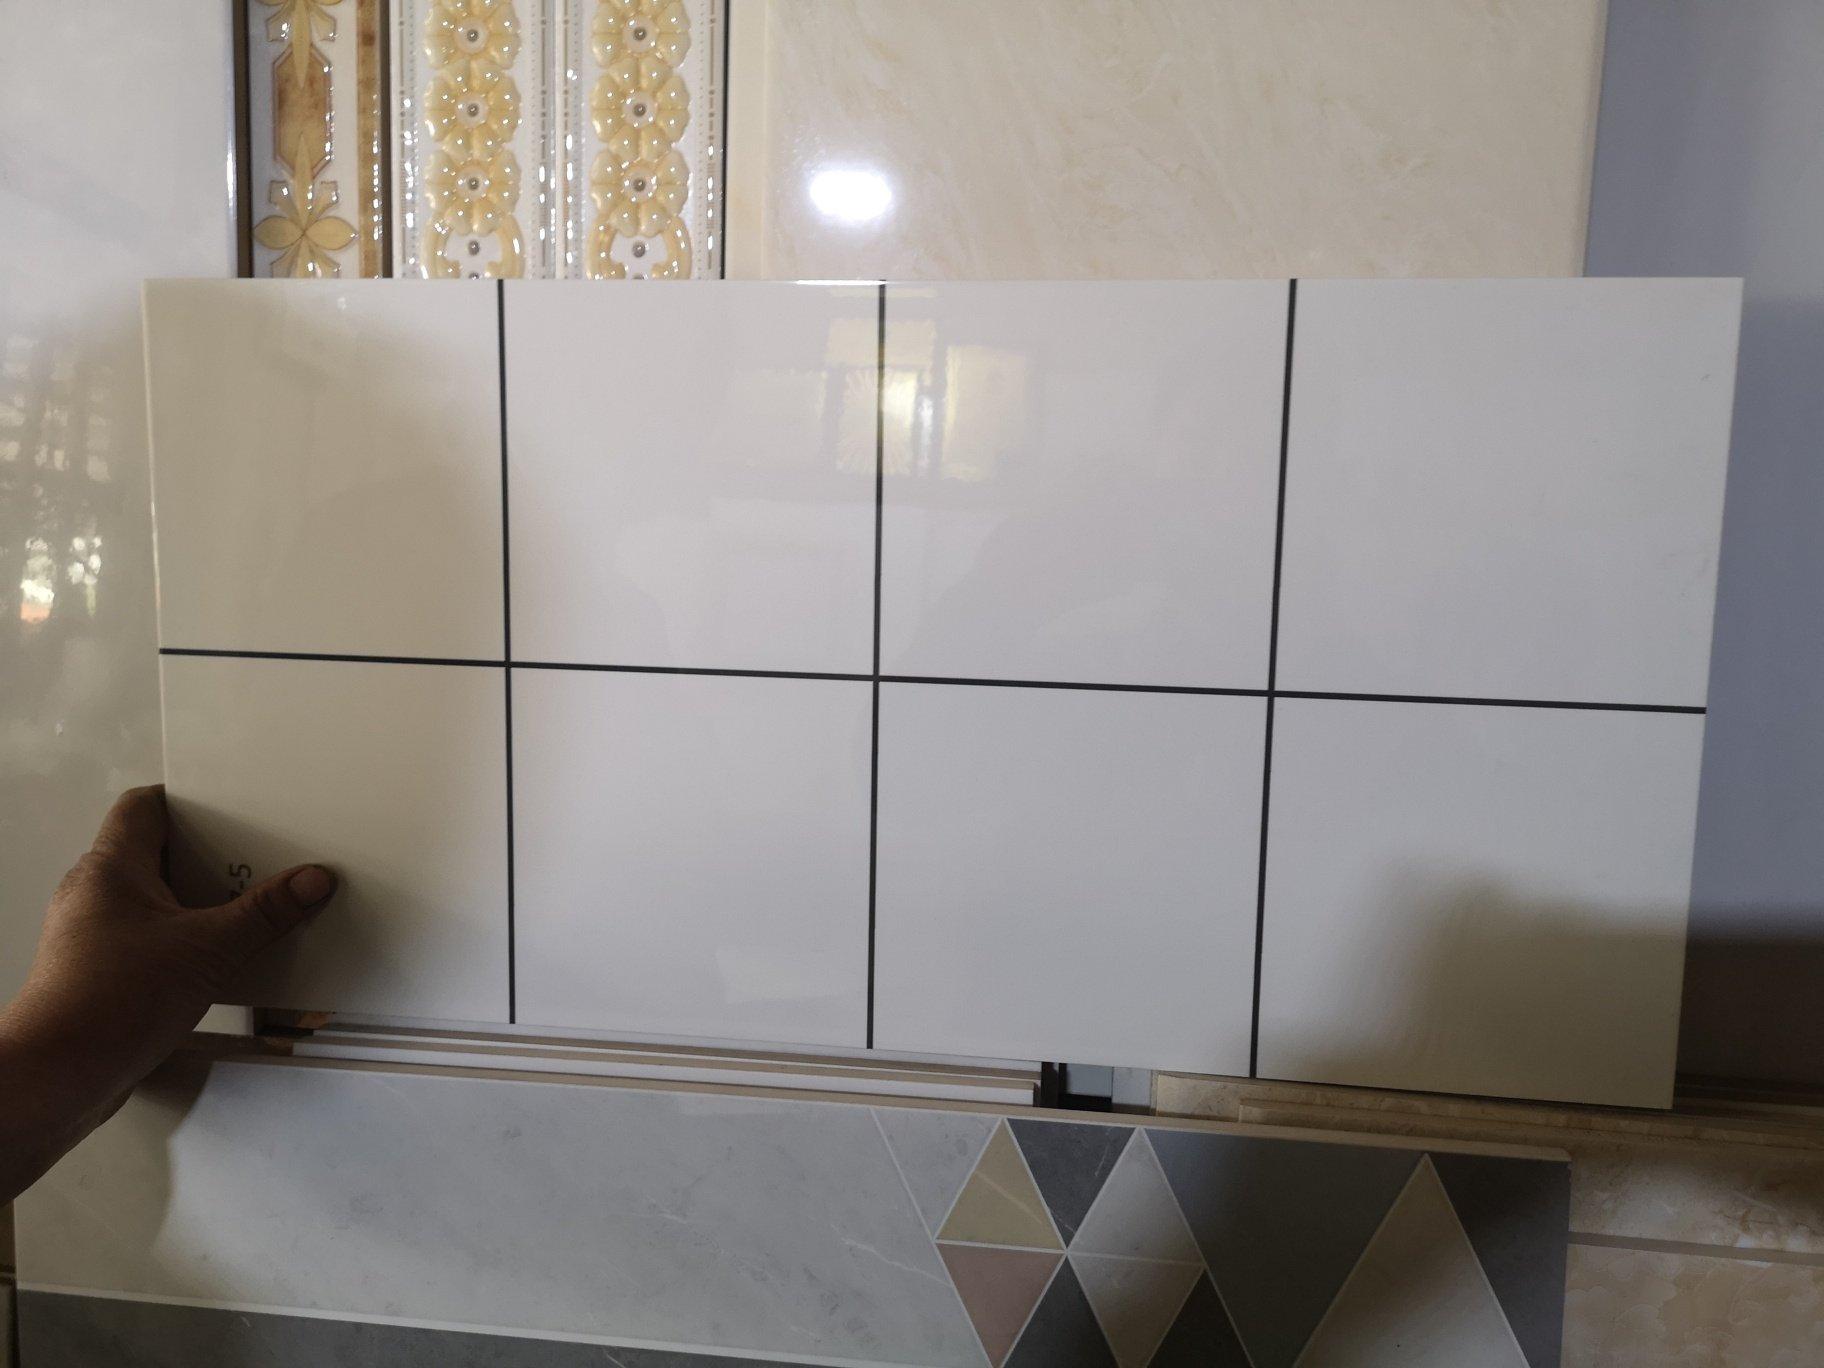 用这种瓷砖贴厨房和阳台,显空间大吗?